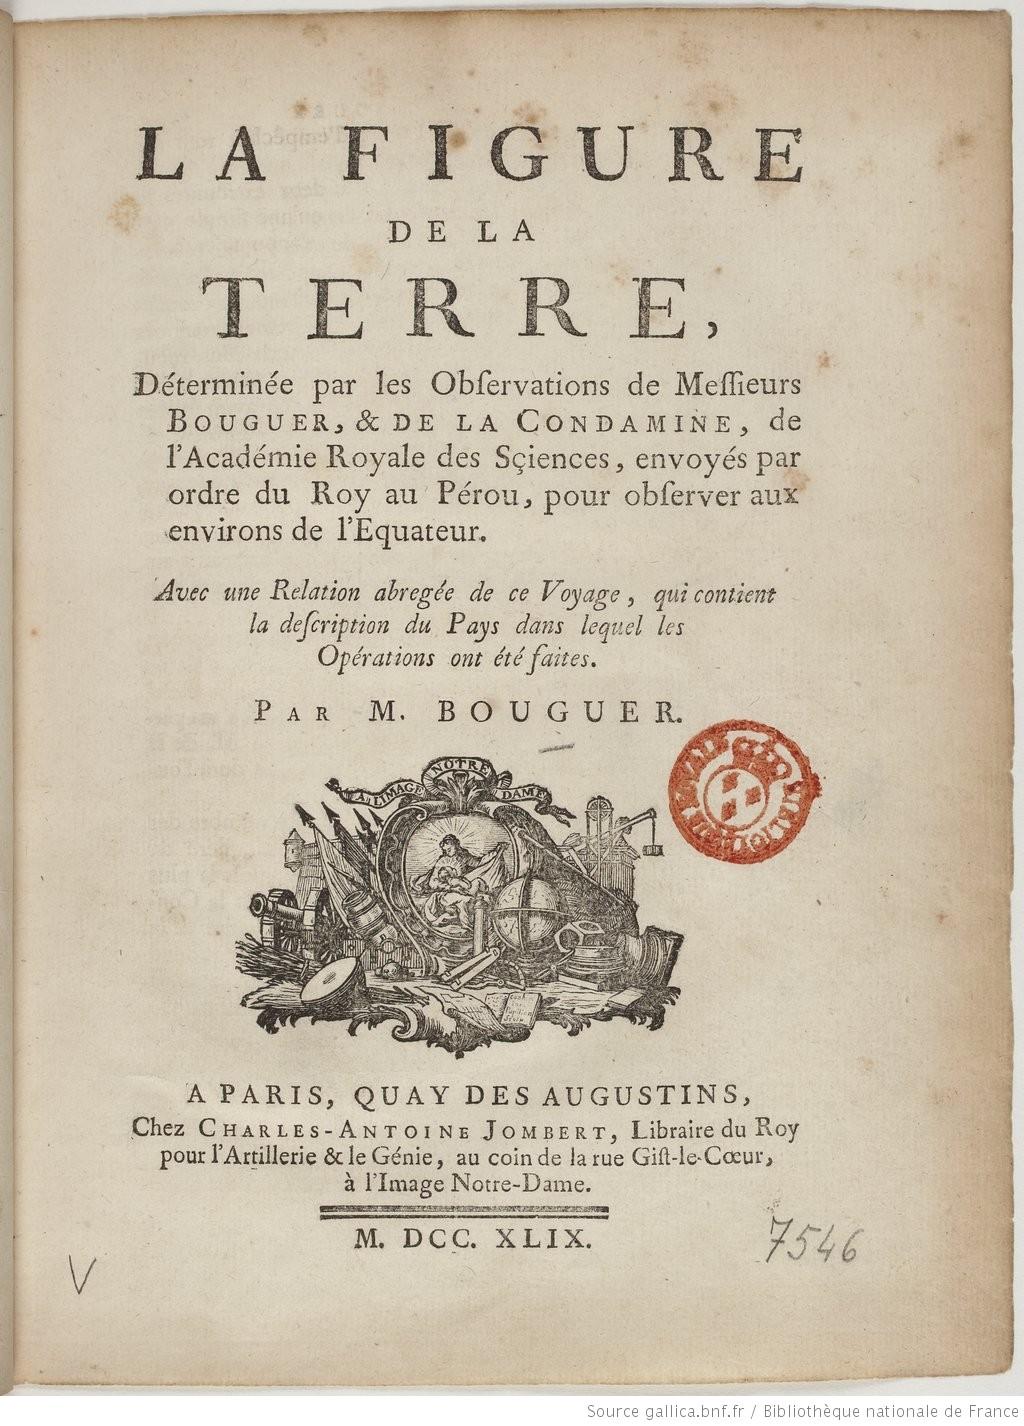 La_figure_de_la_terre_[...]Bouguer_Pierre_bpt6k1051288w